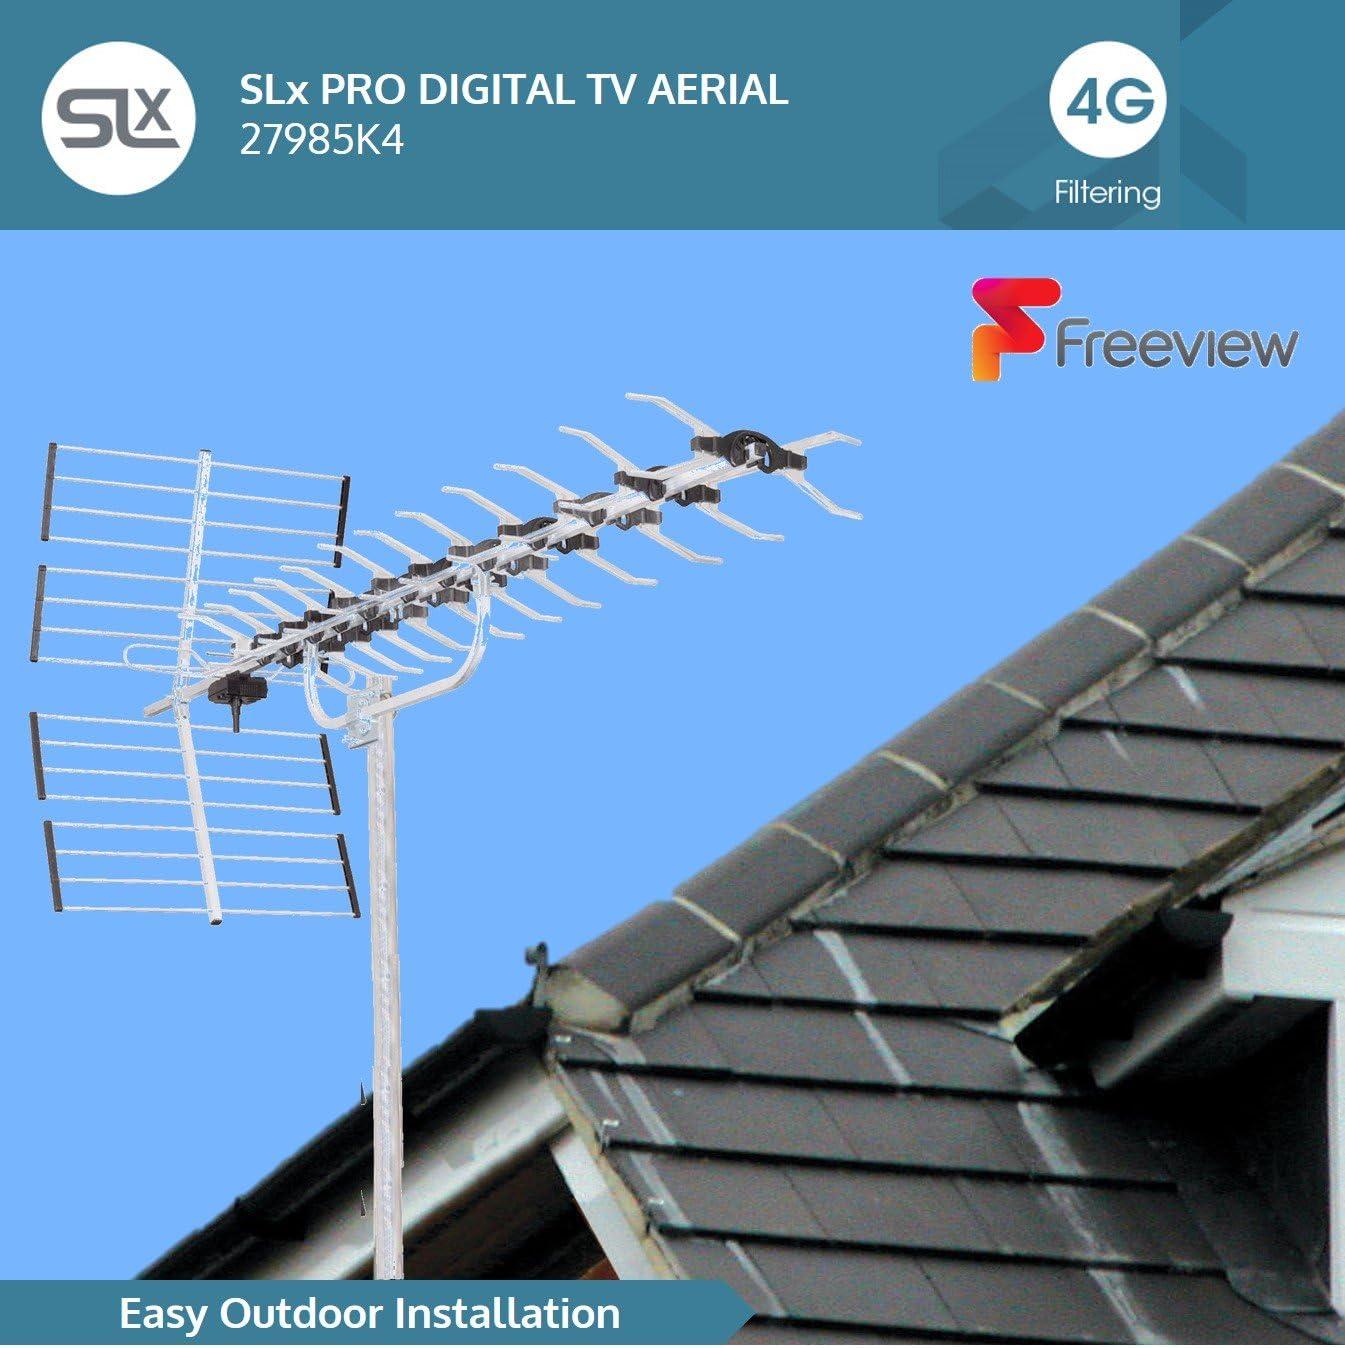 SLx 27985K4 - Juego de antena dorada y accesorios de conexión para televisión digital (4G, 64 elementos) (importado)